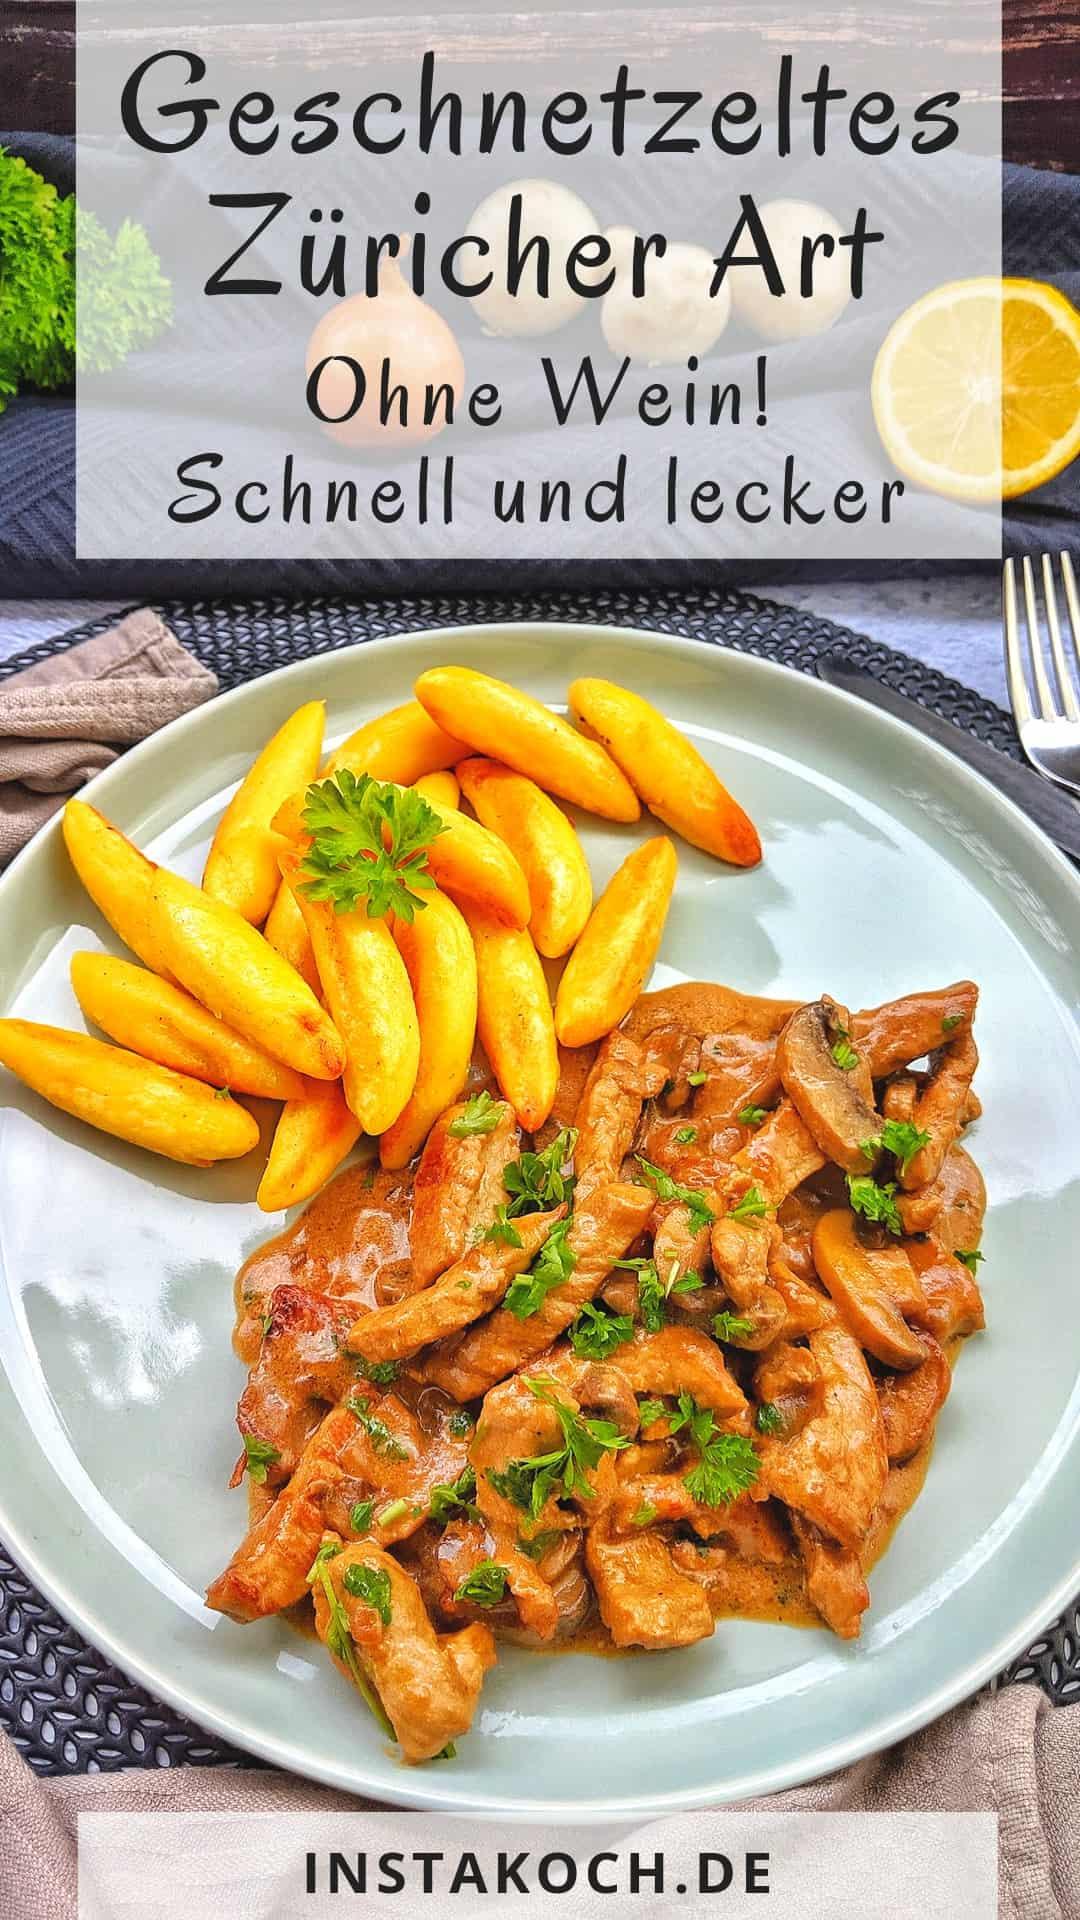 Züricher Geschnetzeltes mit Schupfnudeln auf einem Teller. Dahinter Deko.